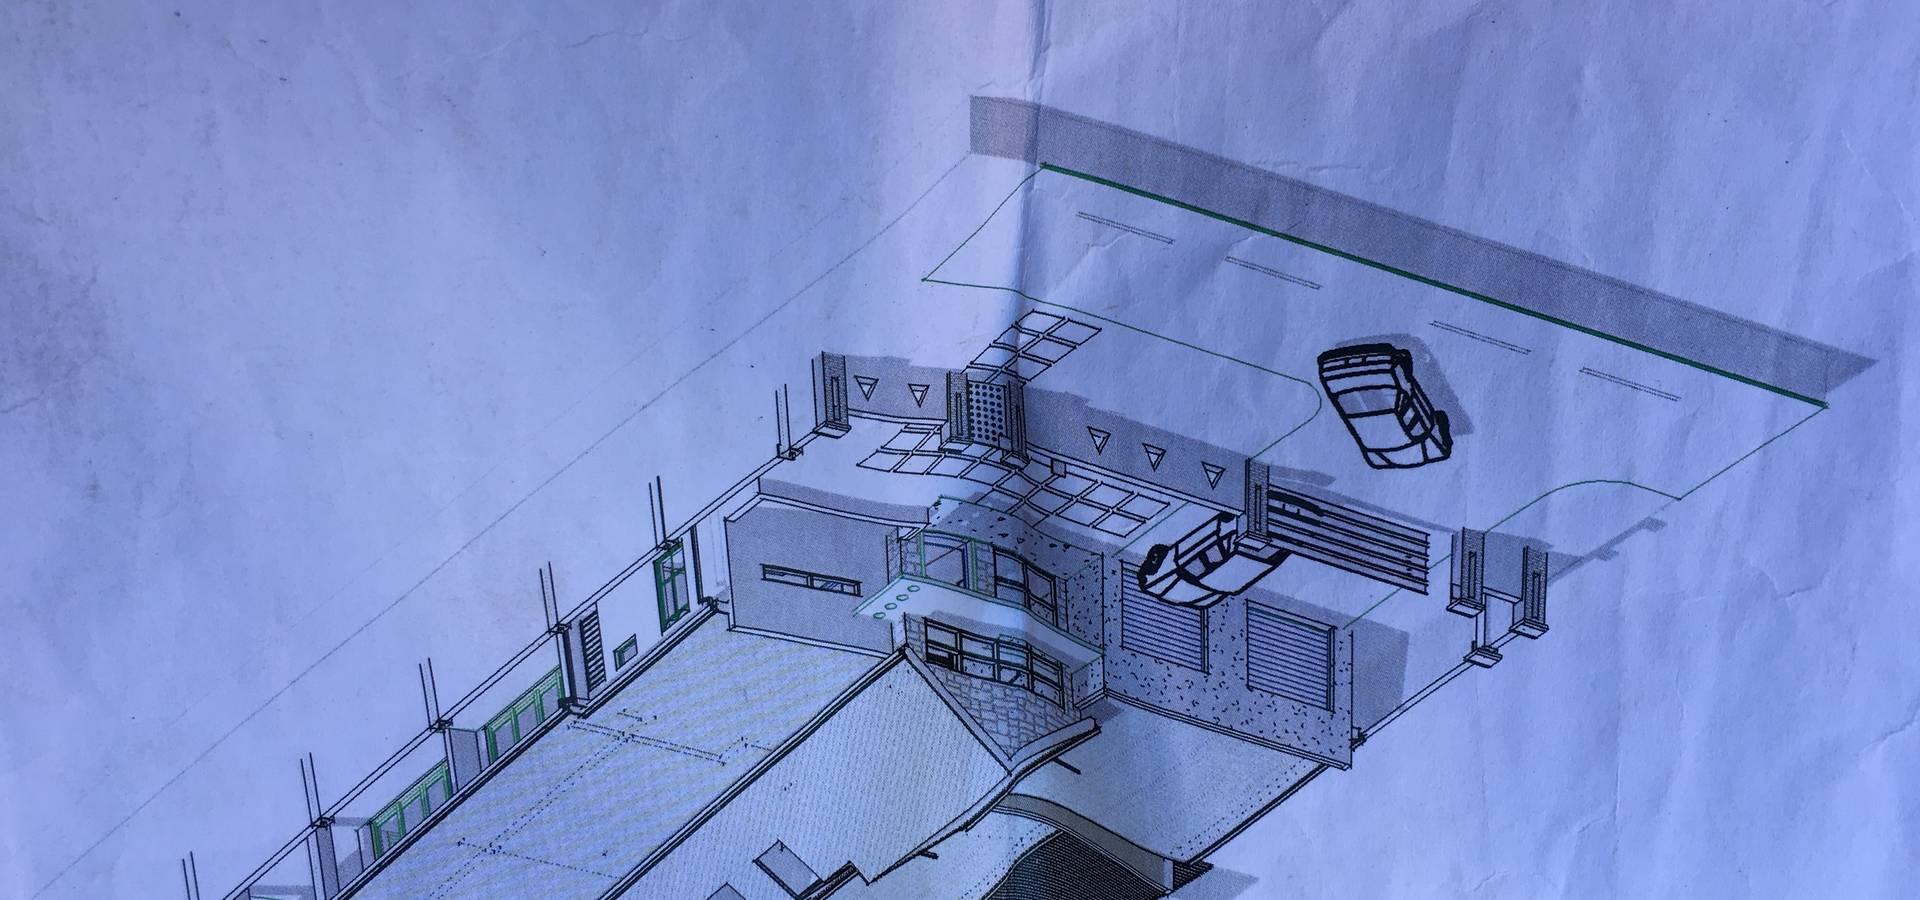 JBK Architectural designs